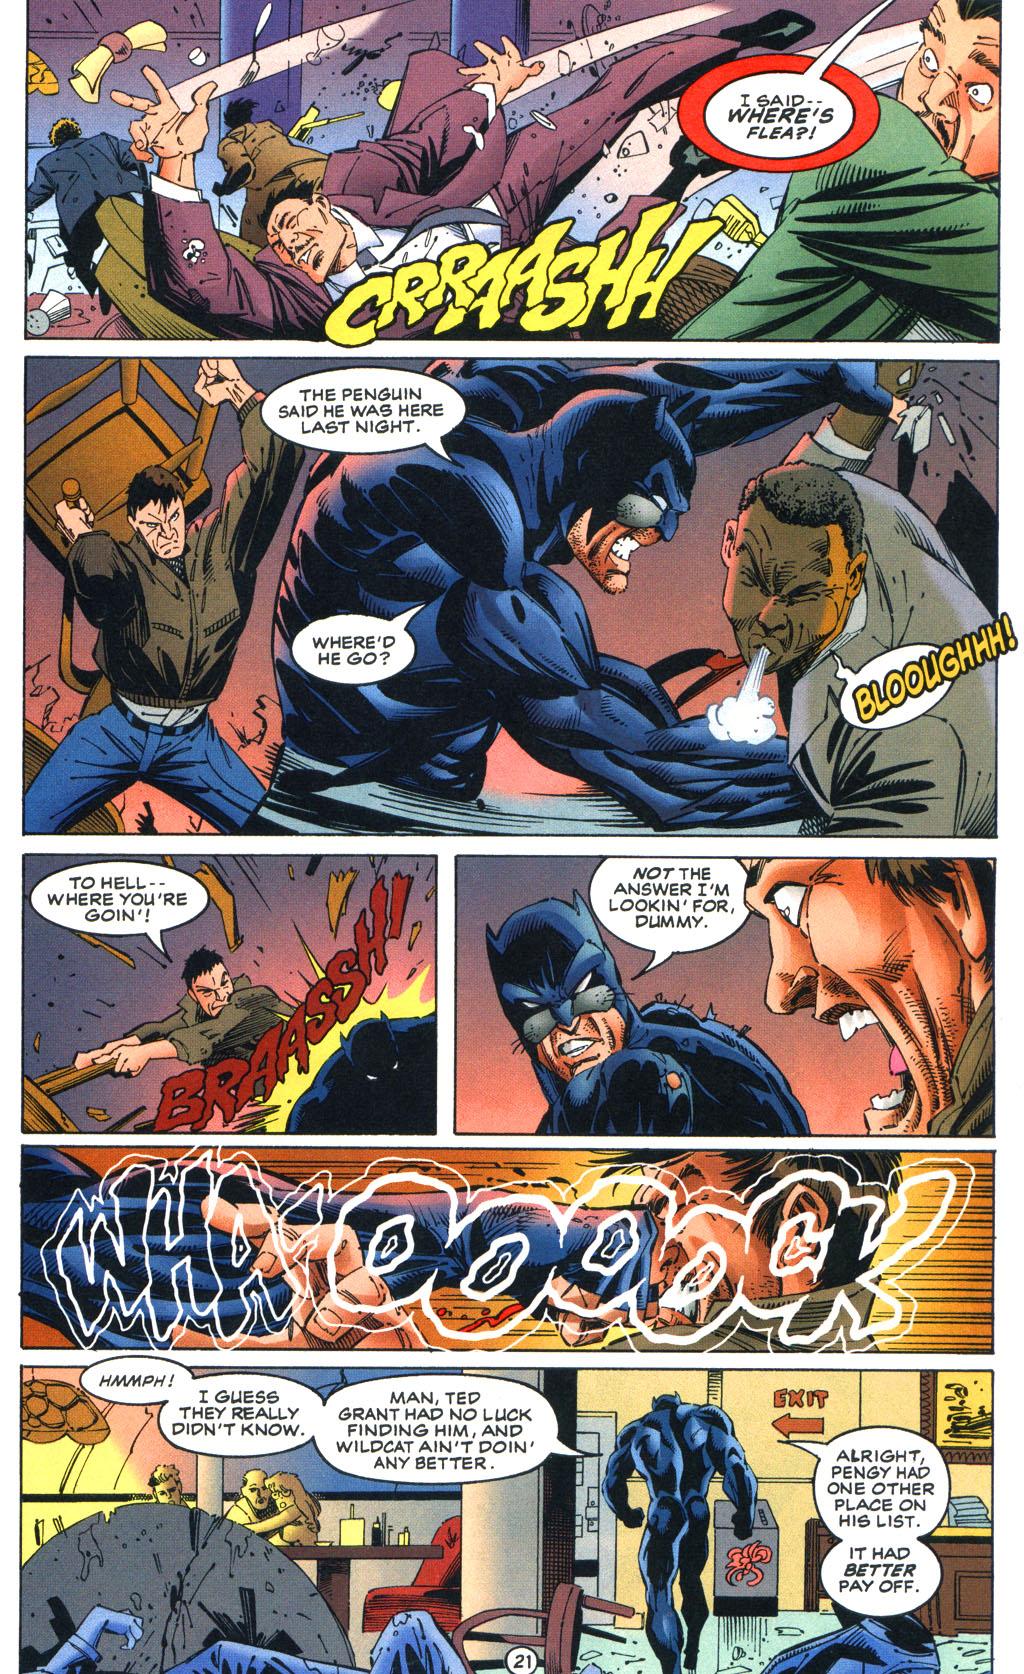 Read online Batman/Wildcat comic -  Issue #1 - 21